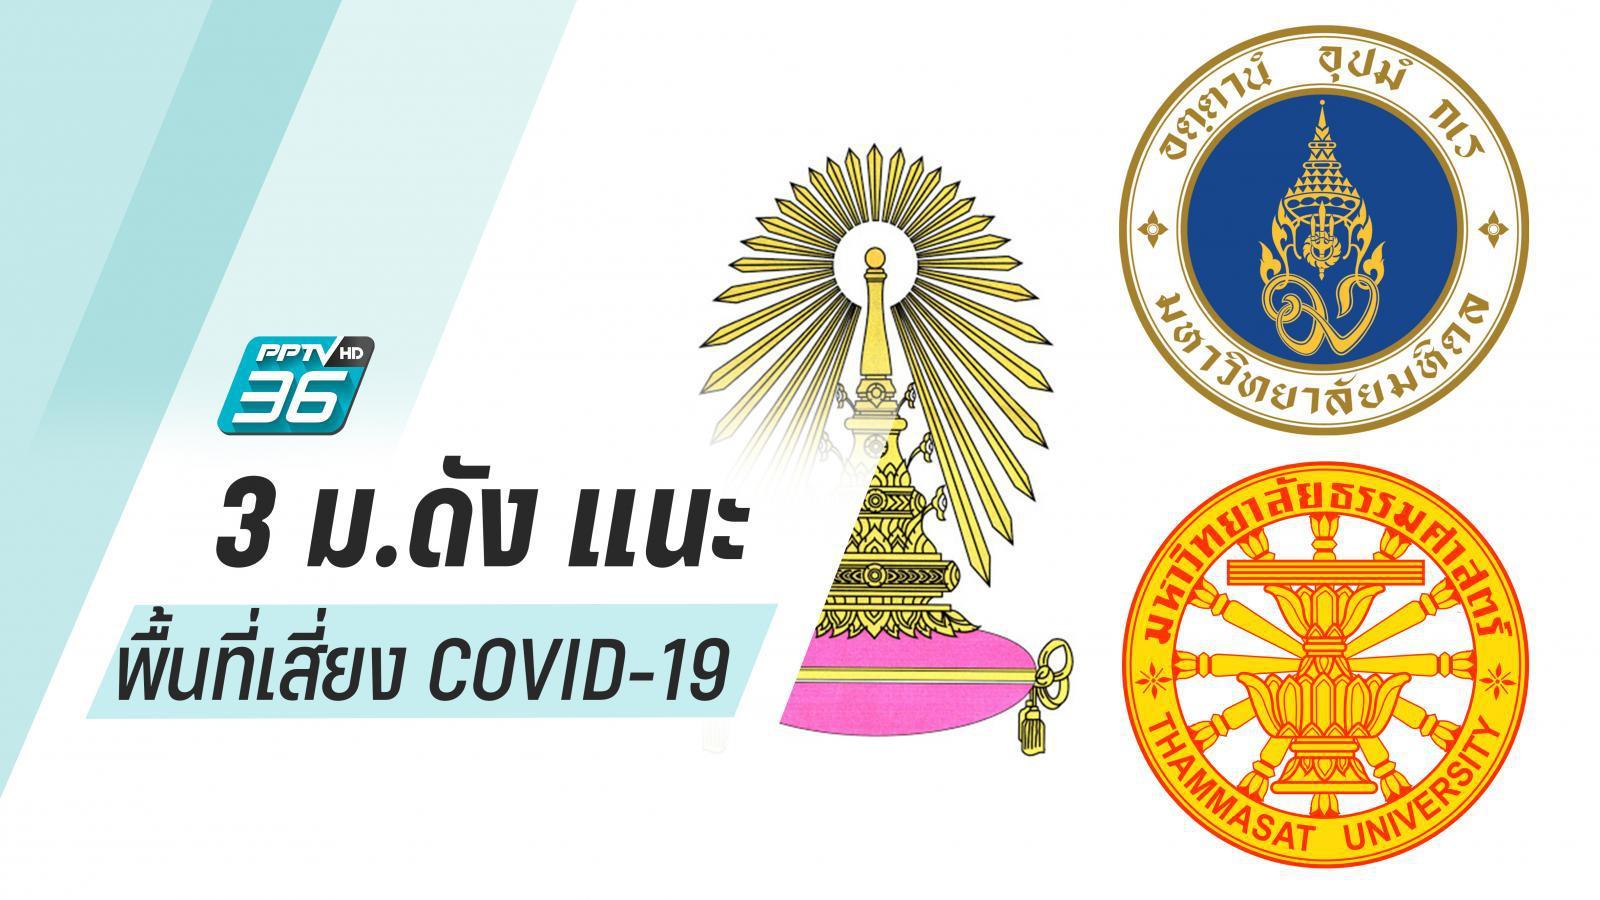 3 มหาวิทยาลัย แนะเลี่ยงเดินทาง  9 ประเทศ พื้นที่เสี่ยงติด COVID-19